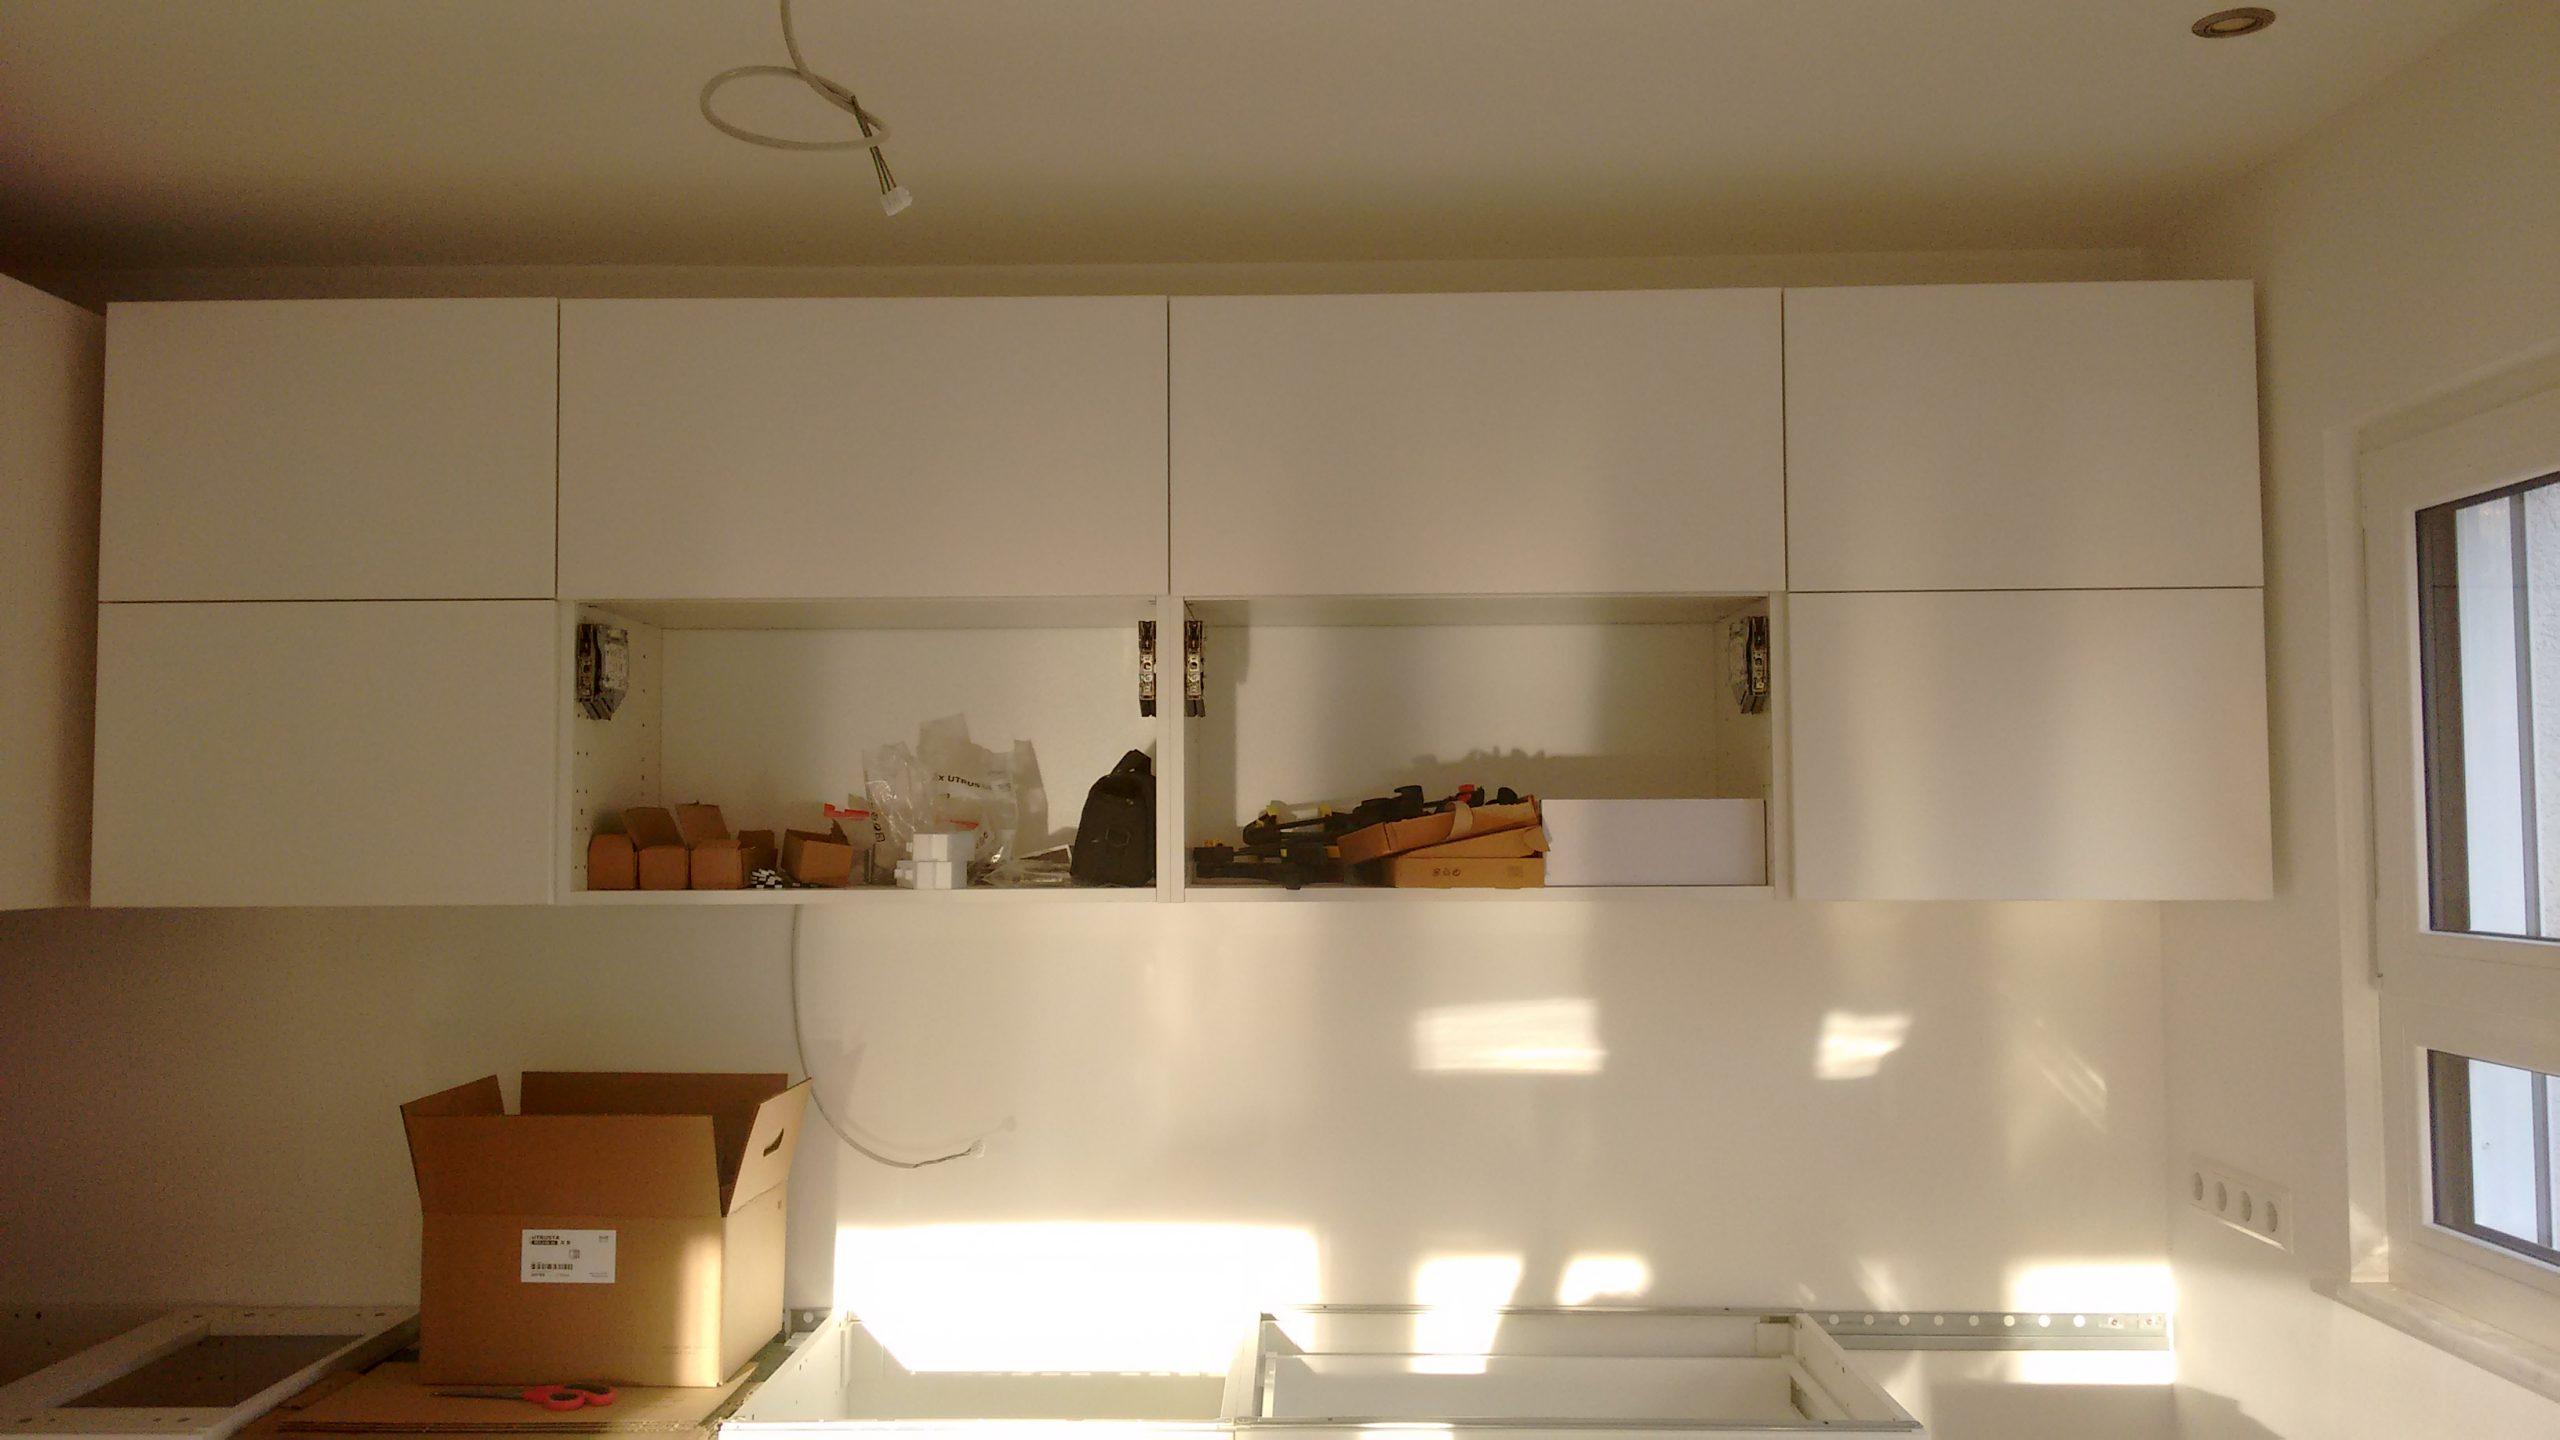 Full Size of Ikea Apothekerschrank Metod Ein Erfahrungsbericht Projekt Küche Kosten Betten Bei Miniküche Kaufen 160x200 Modulküche Sofa Mit Schlaffunktion Wohnzimmer Ikea Apothekerschrank